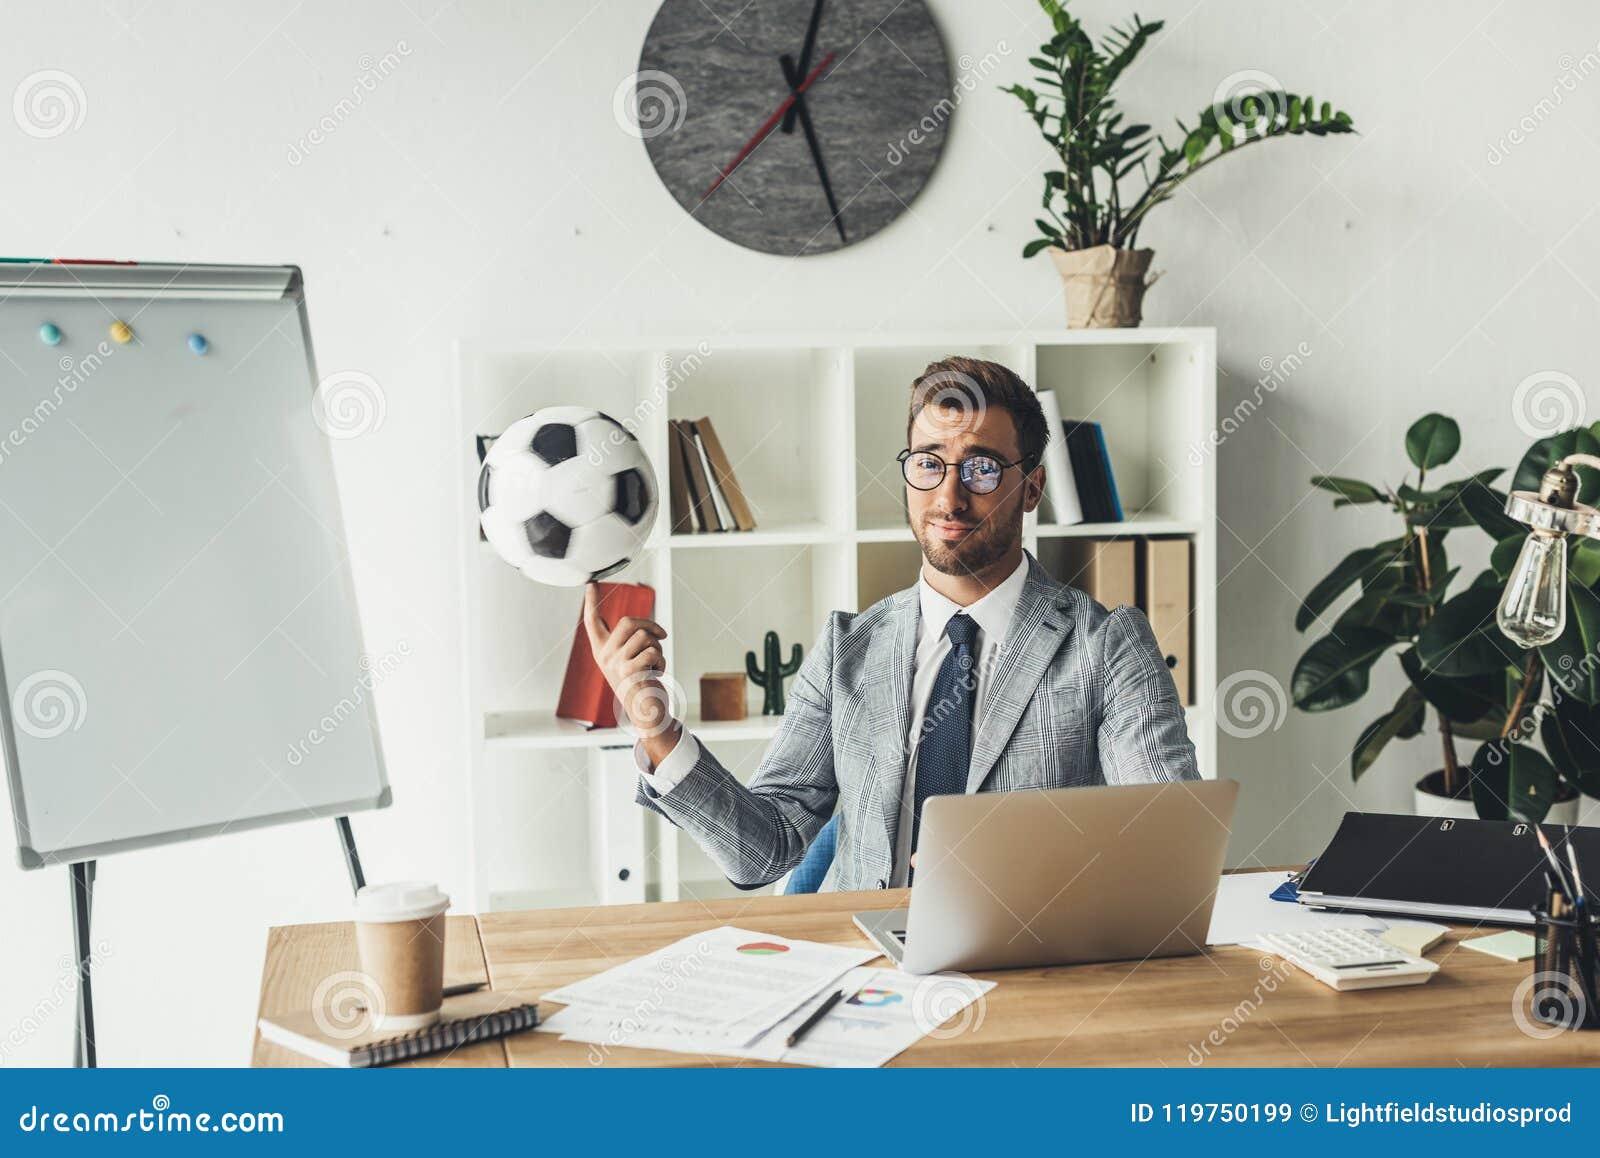 футбольный мяч молодого бизнесмена закручивая на пальце